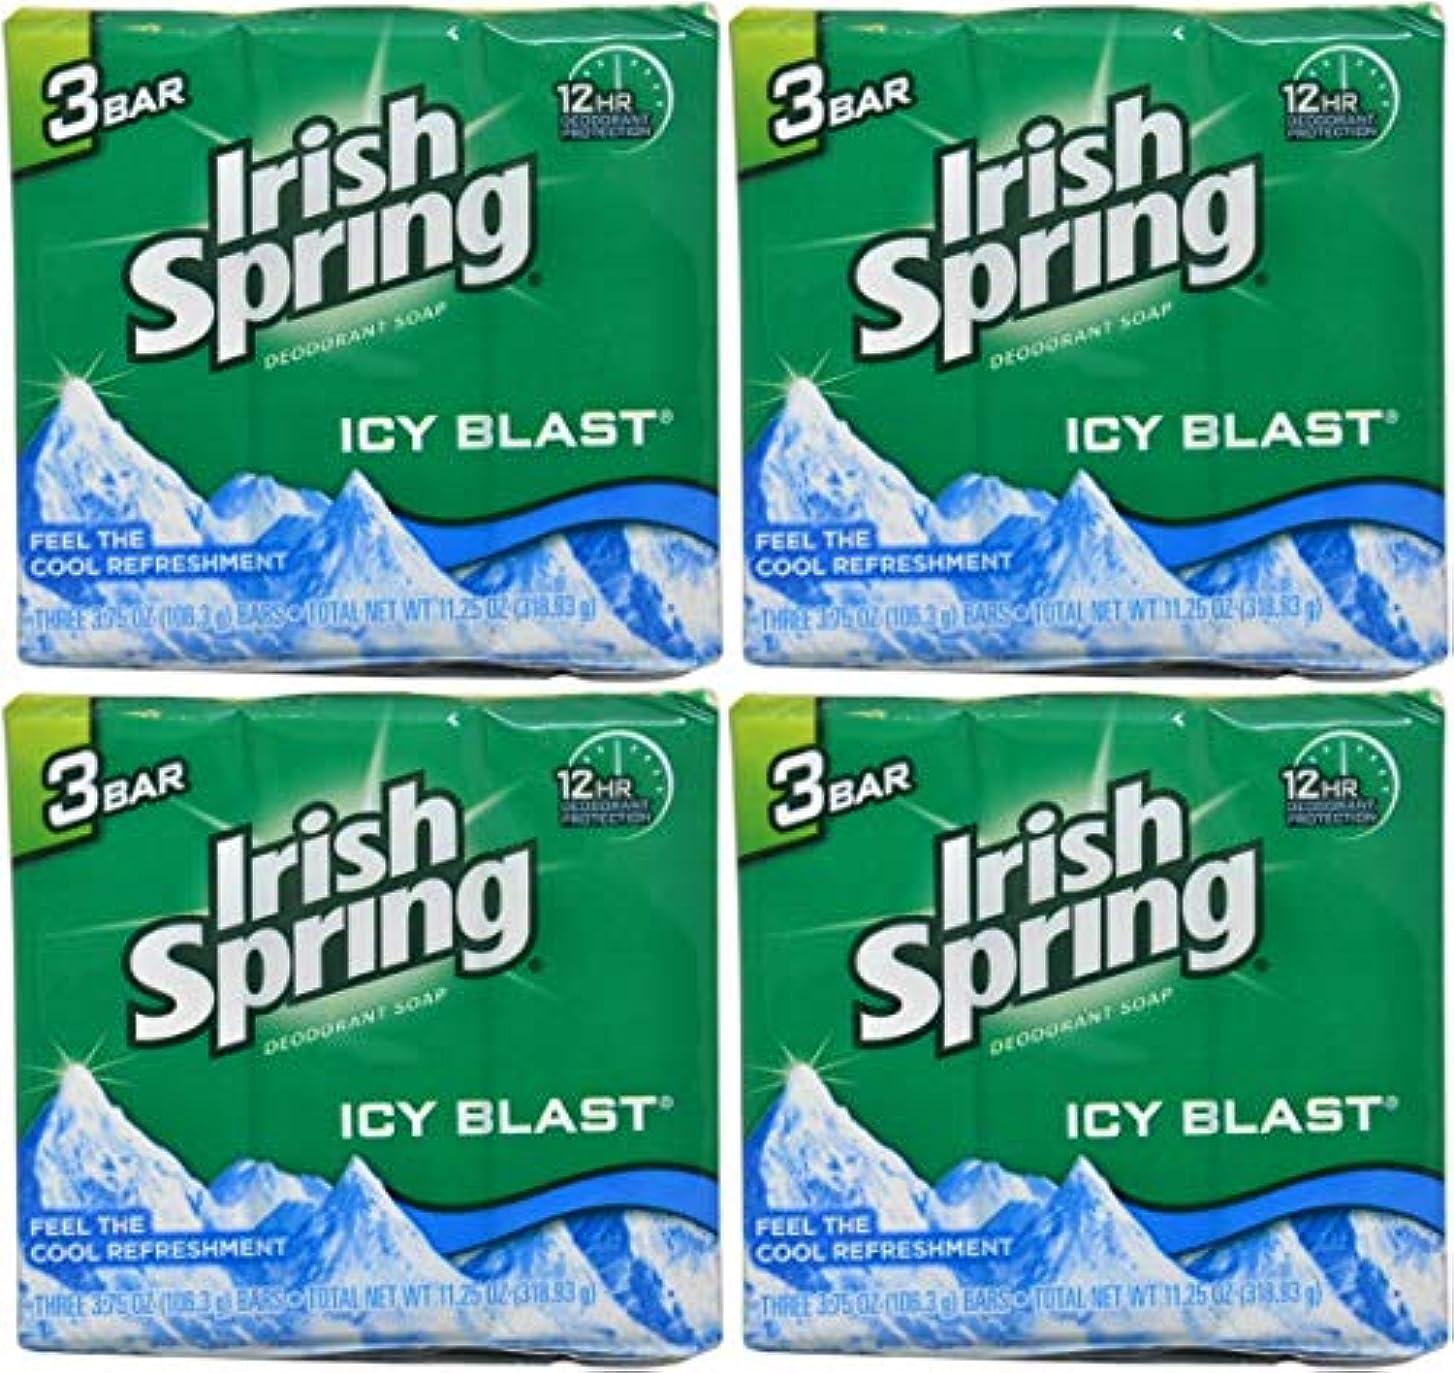 グリース強制項目Irish Spring バースバー、アイシーブラスト3.75オズ、3小節の12カウント4Pack